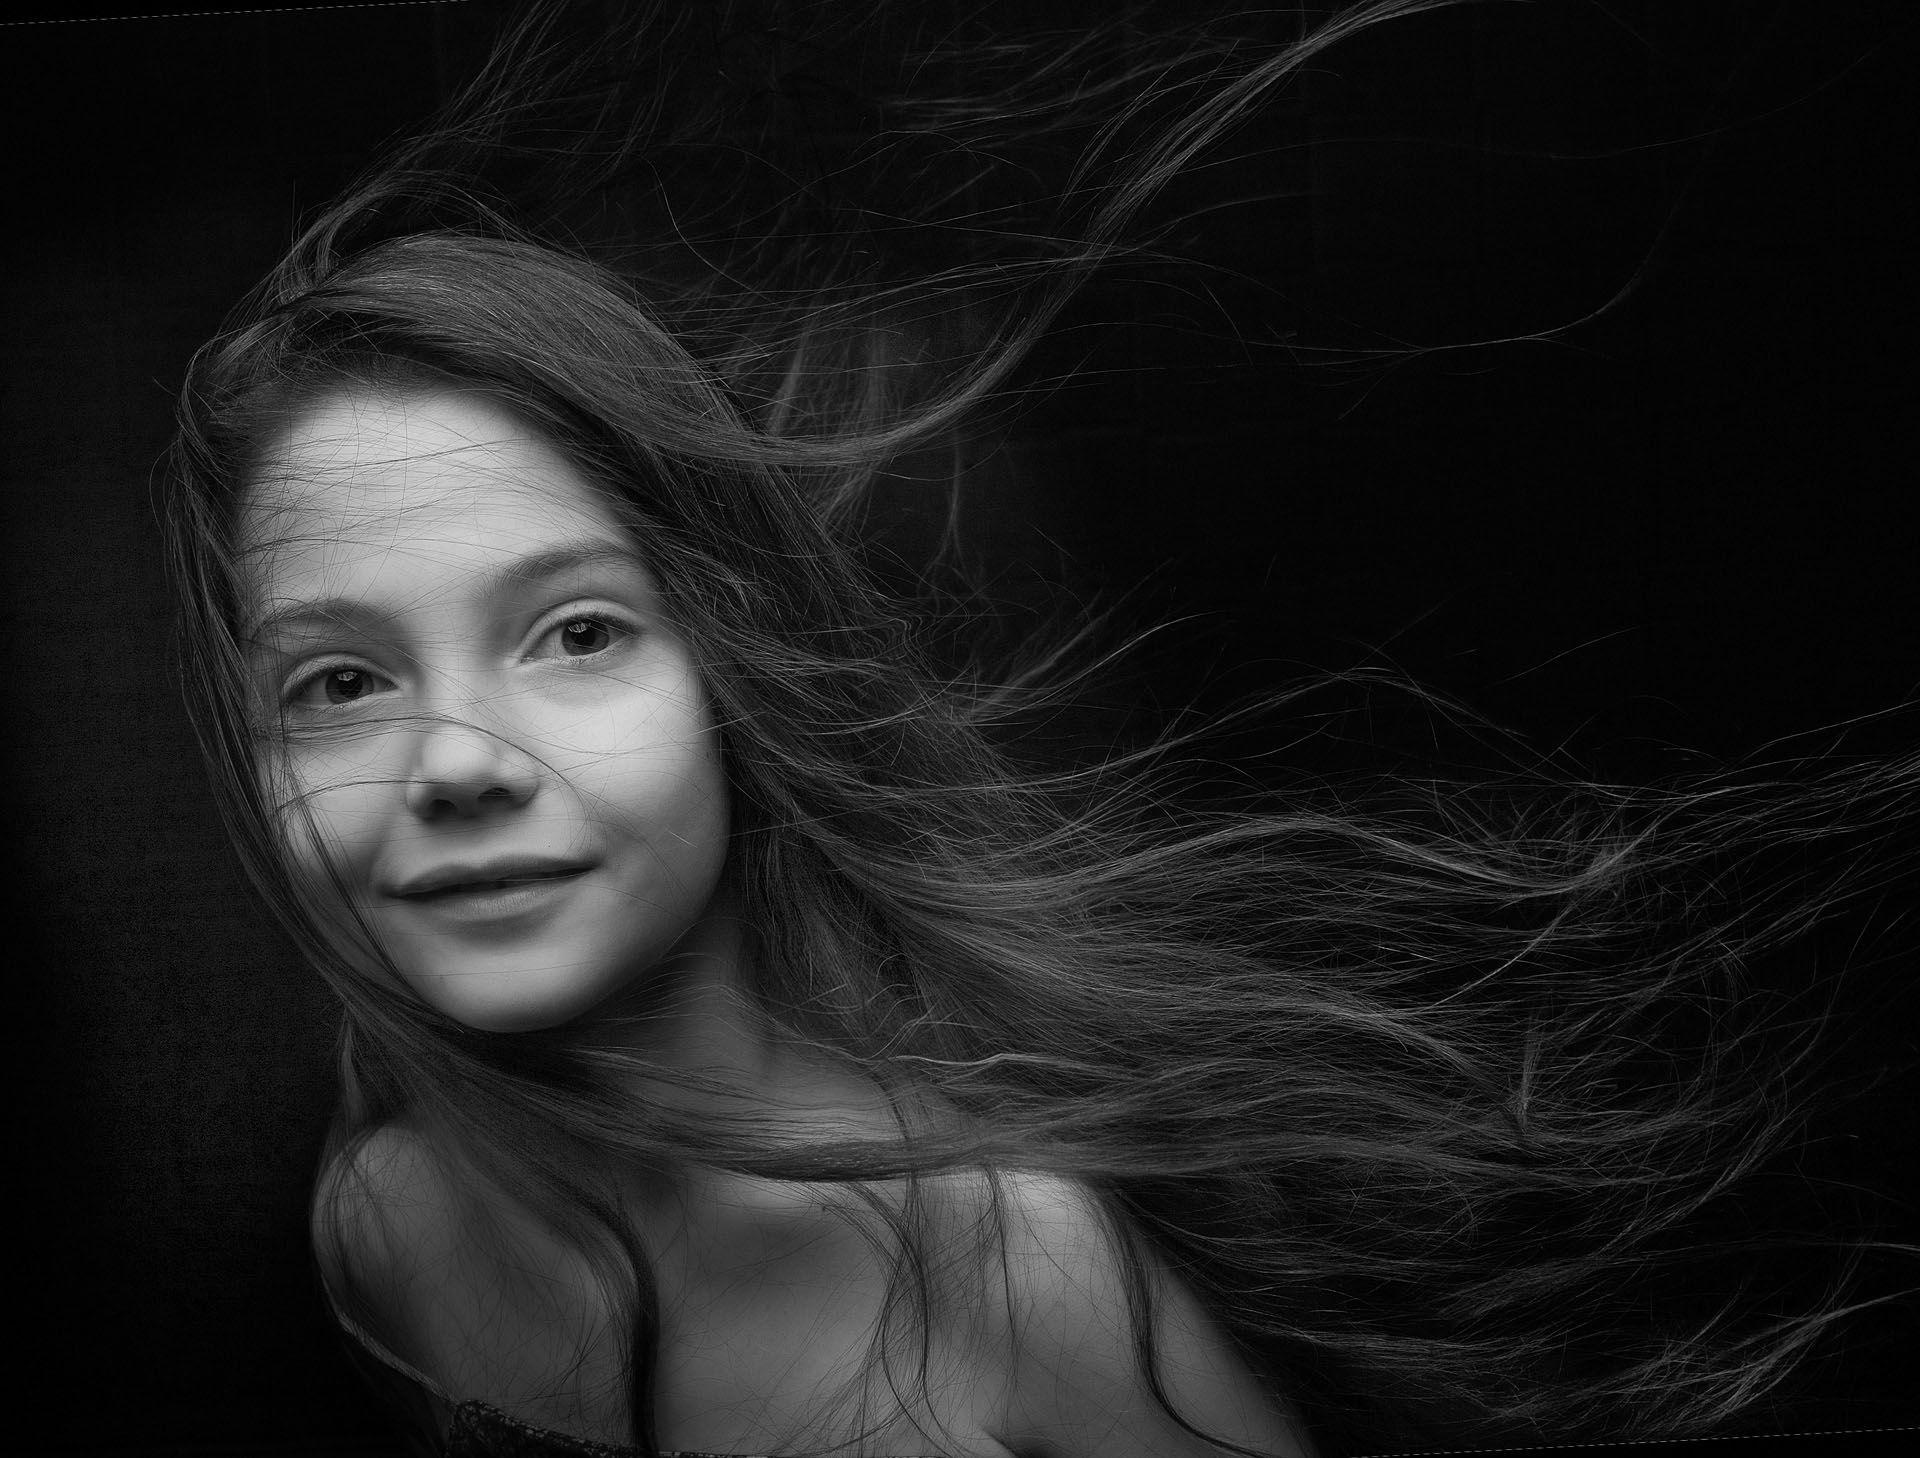 эдуард басов, черно белое фото, портрет, мытищи, Эдуард Басов